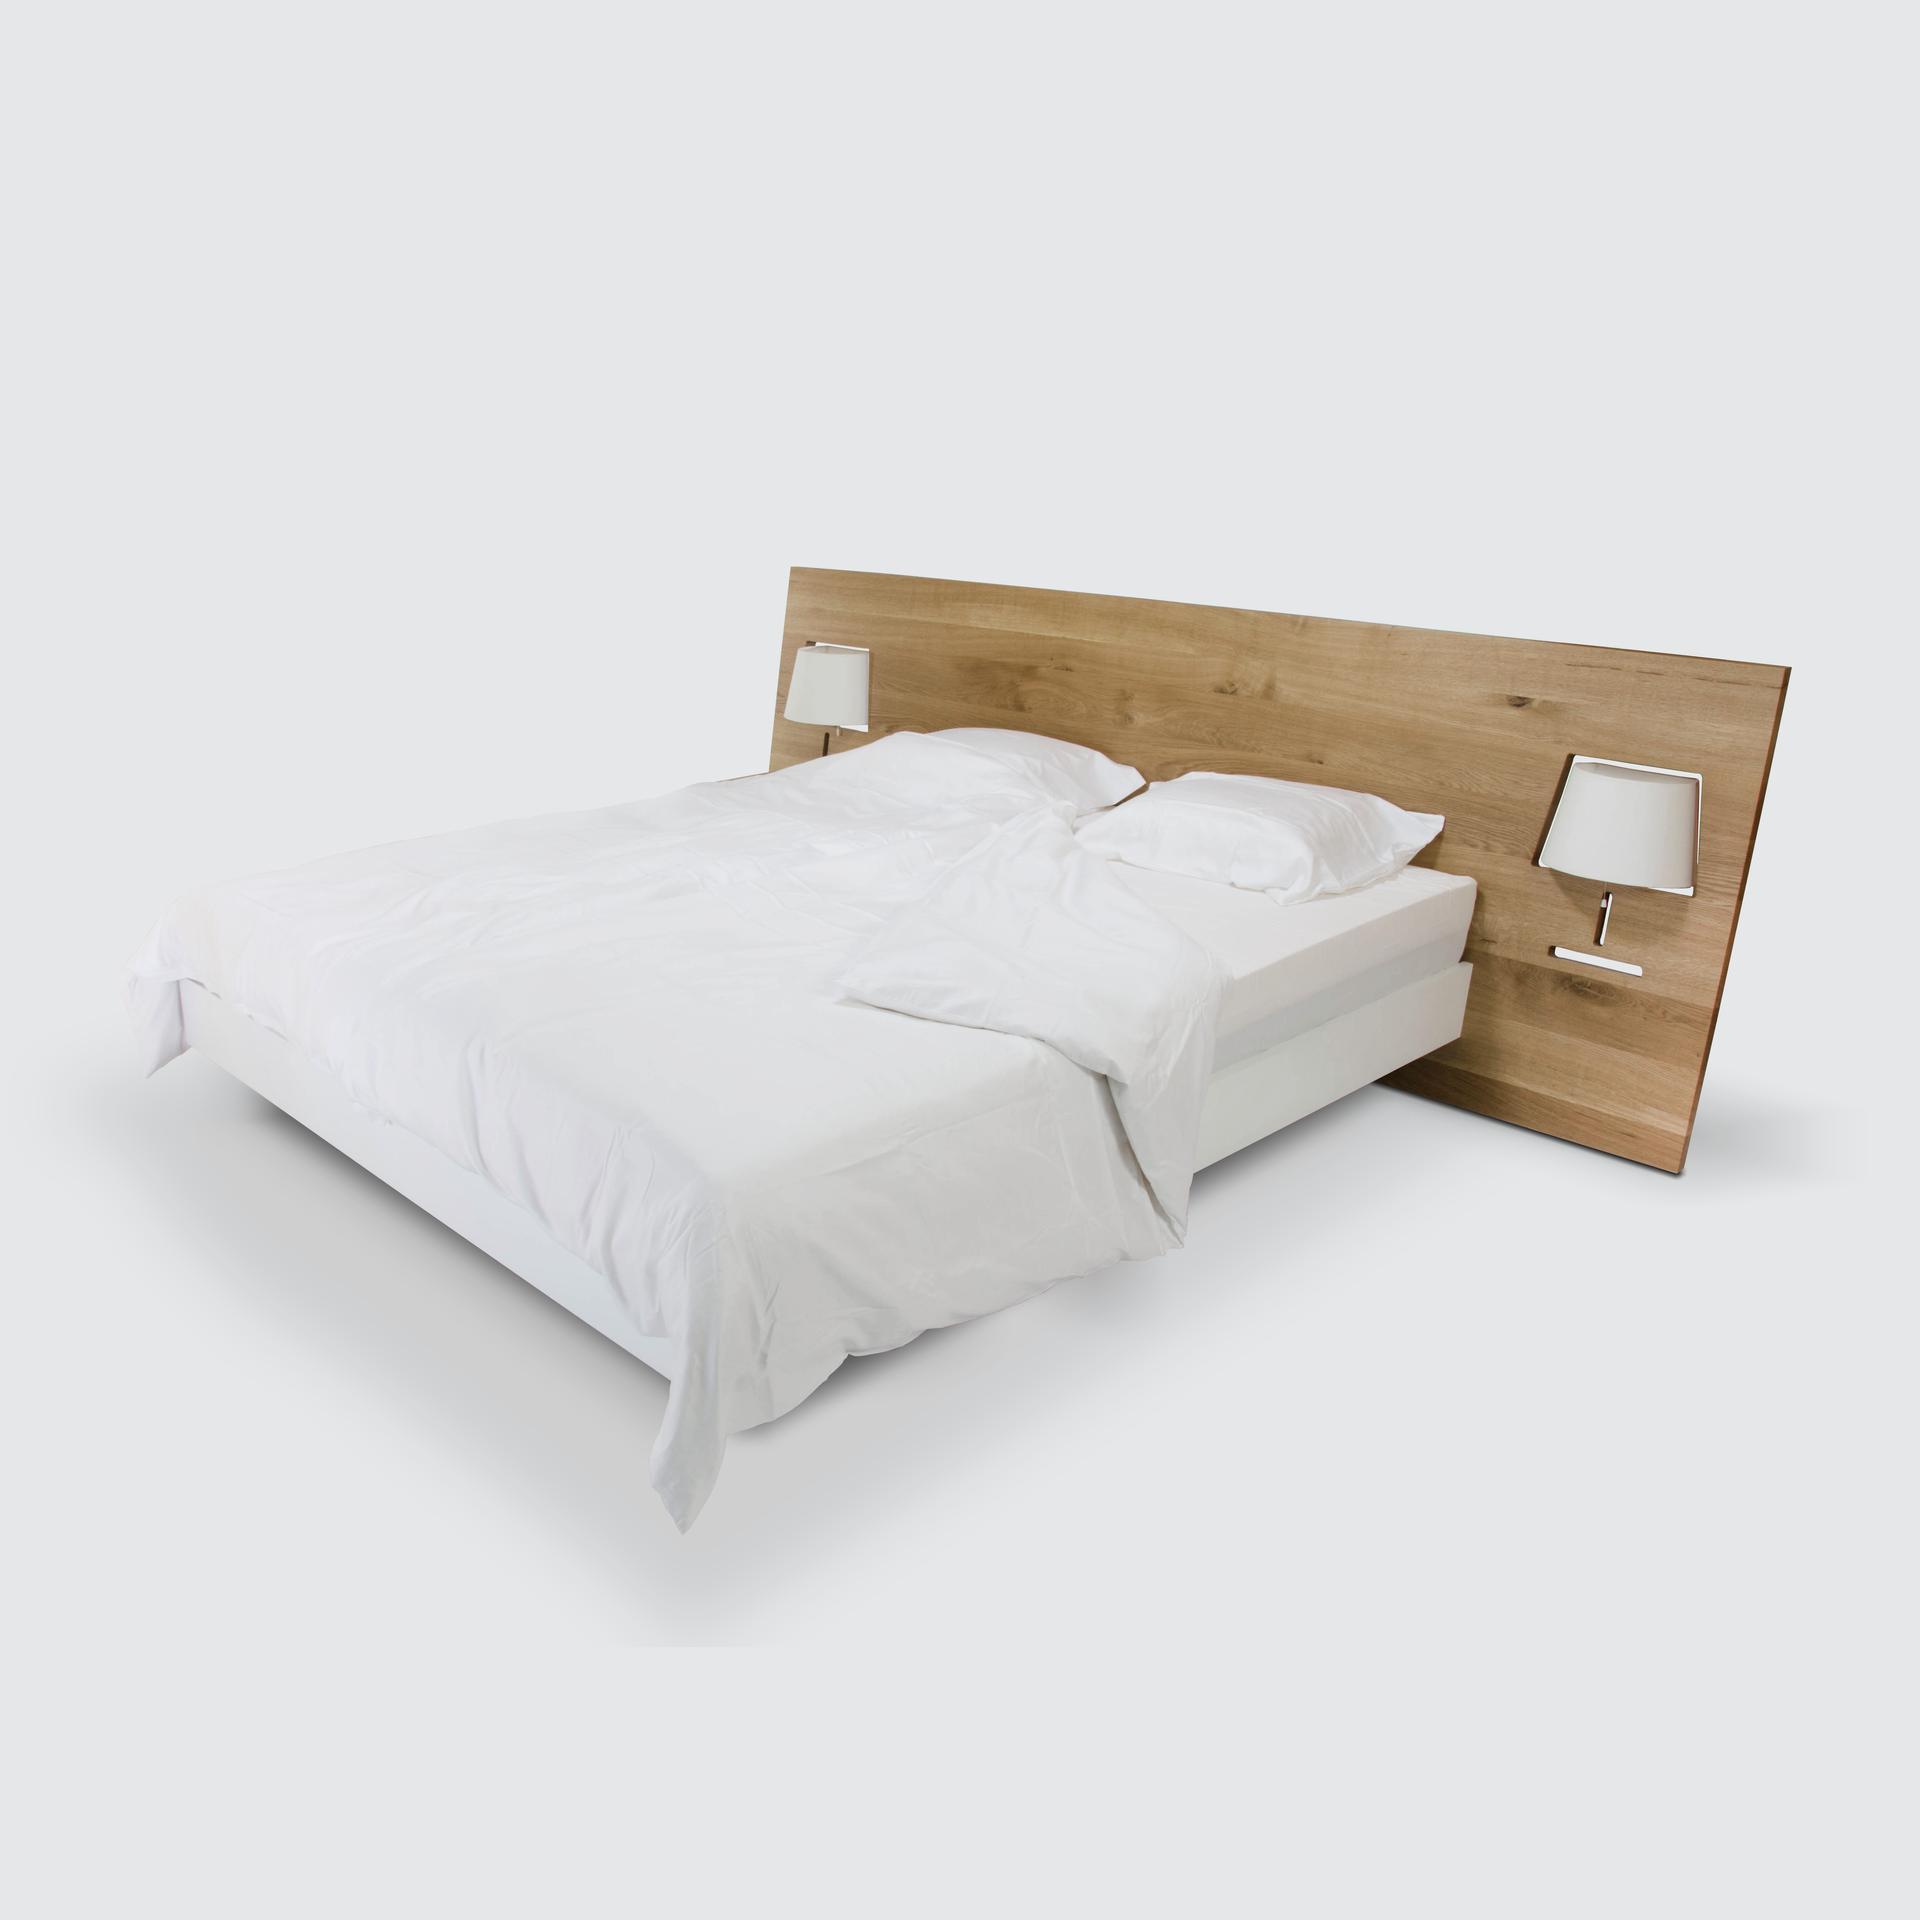 ADFL-postelja-02.png